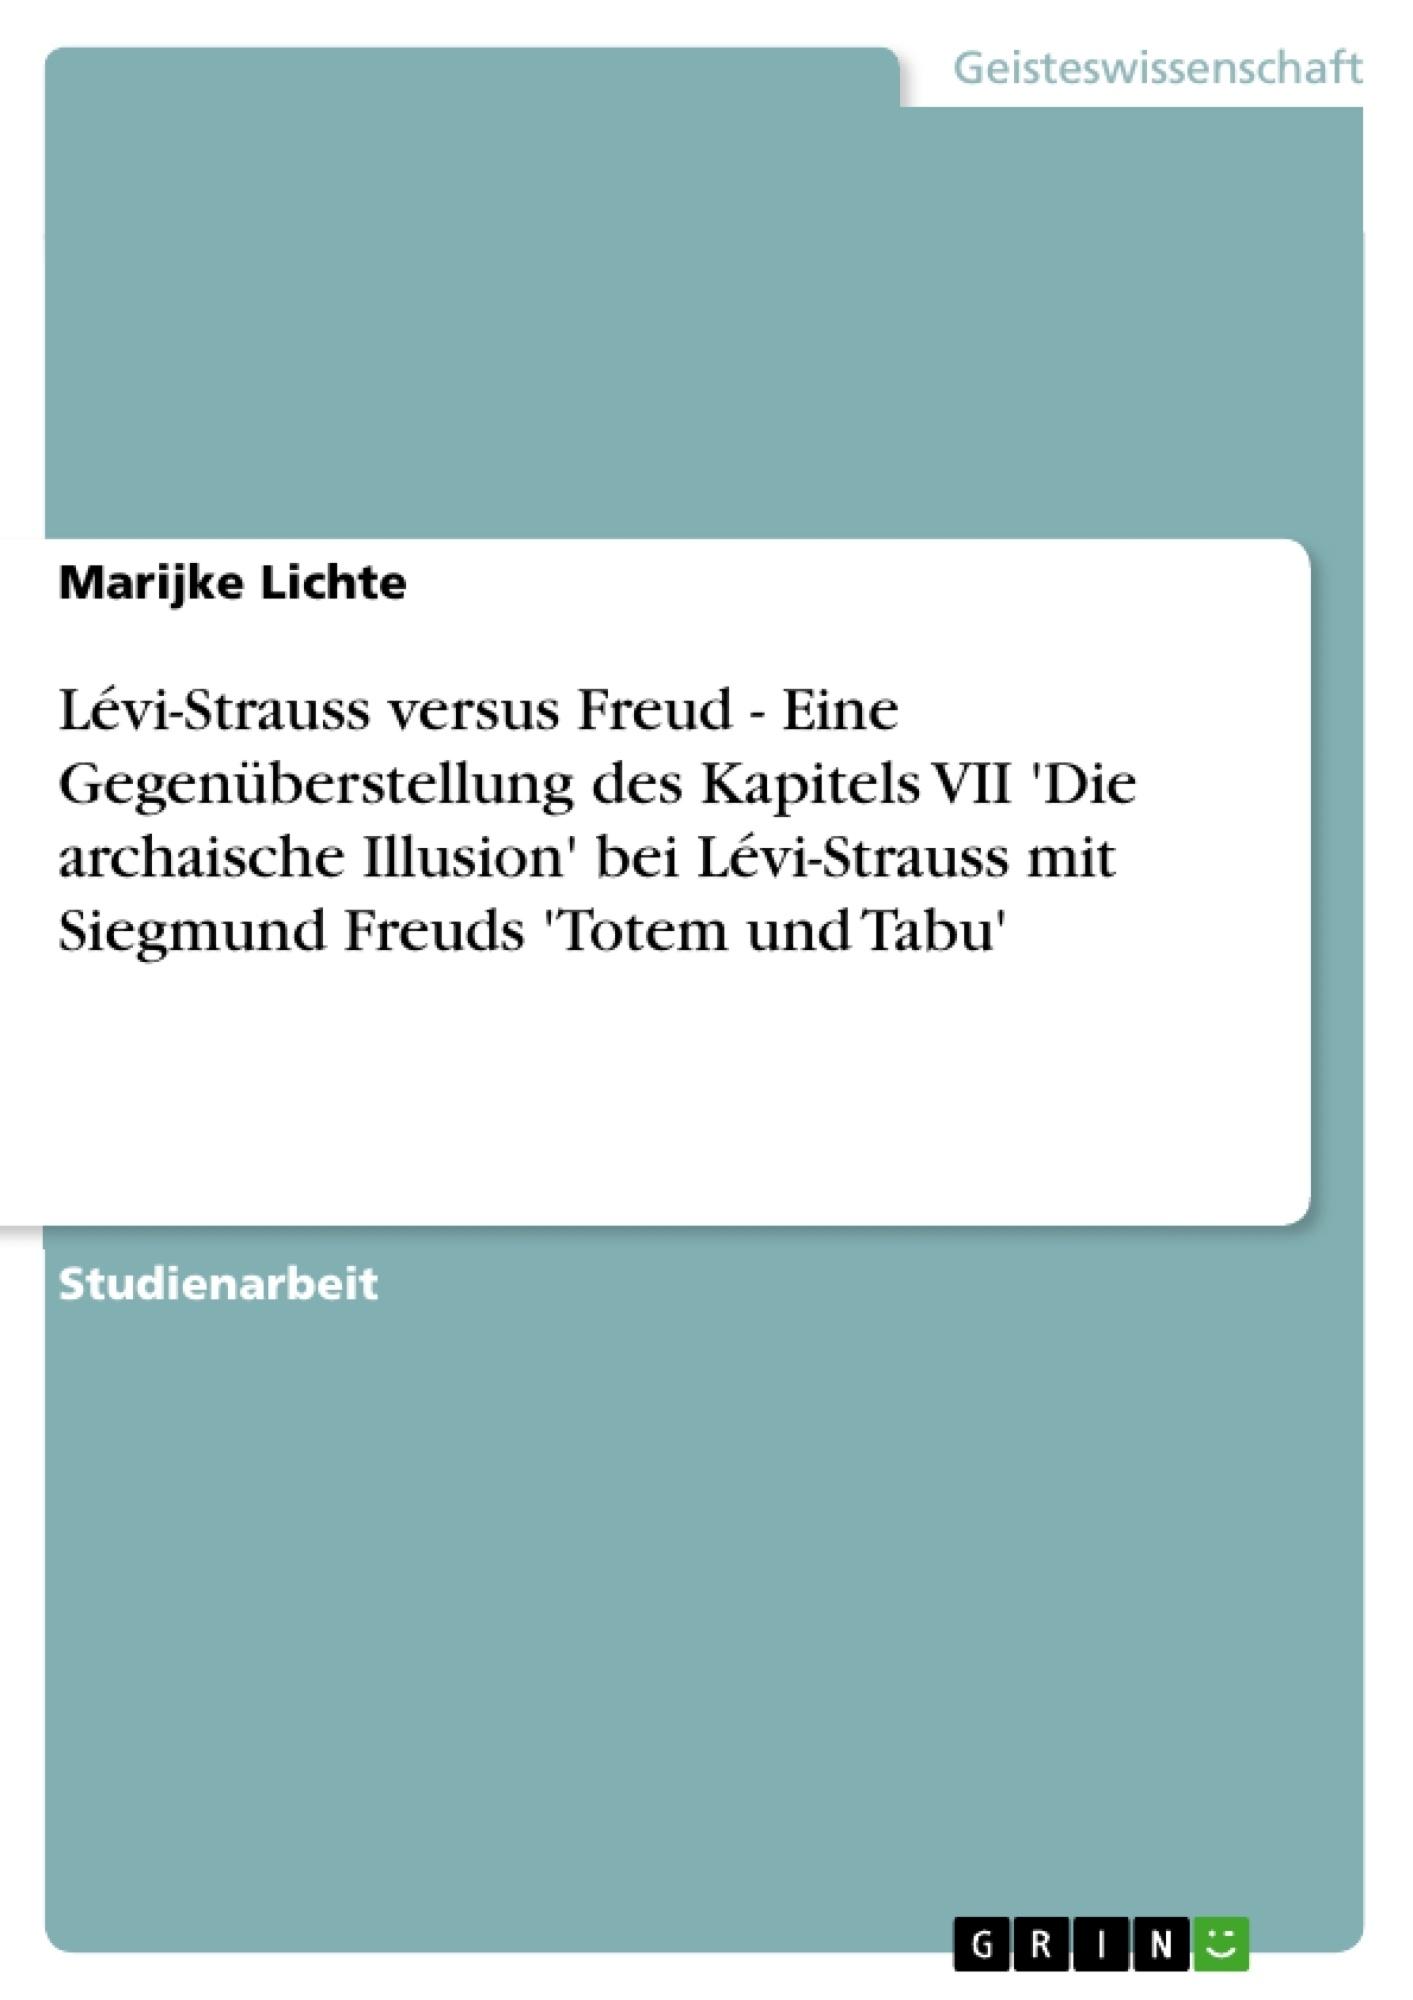 Titel: Lévi-Strauss versus Freud - Eine Gegenüberstellung des Kapitels VII  'Die archaische Illusion' bei Lévi-Strauss mit Siegmund Freuds 'Totem und Tabu'